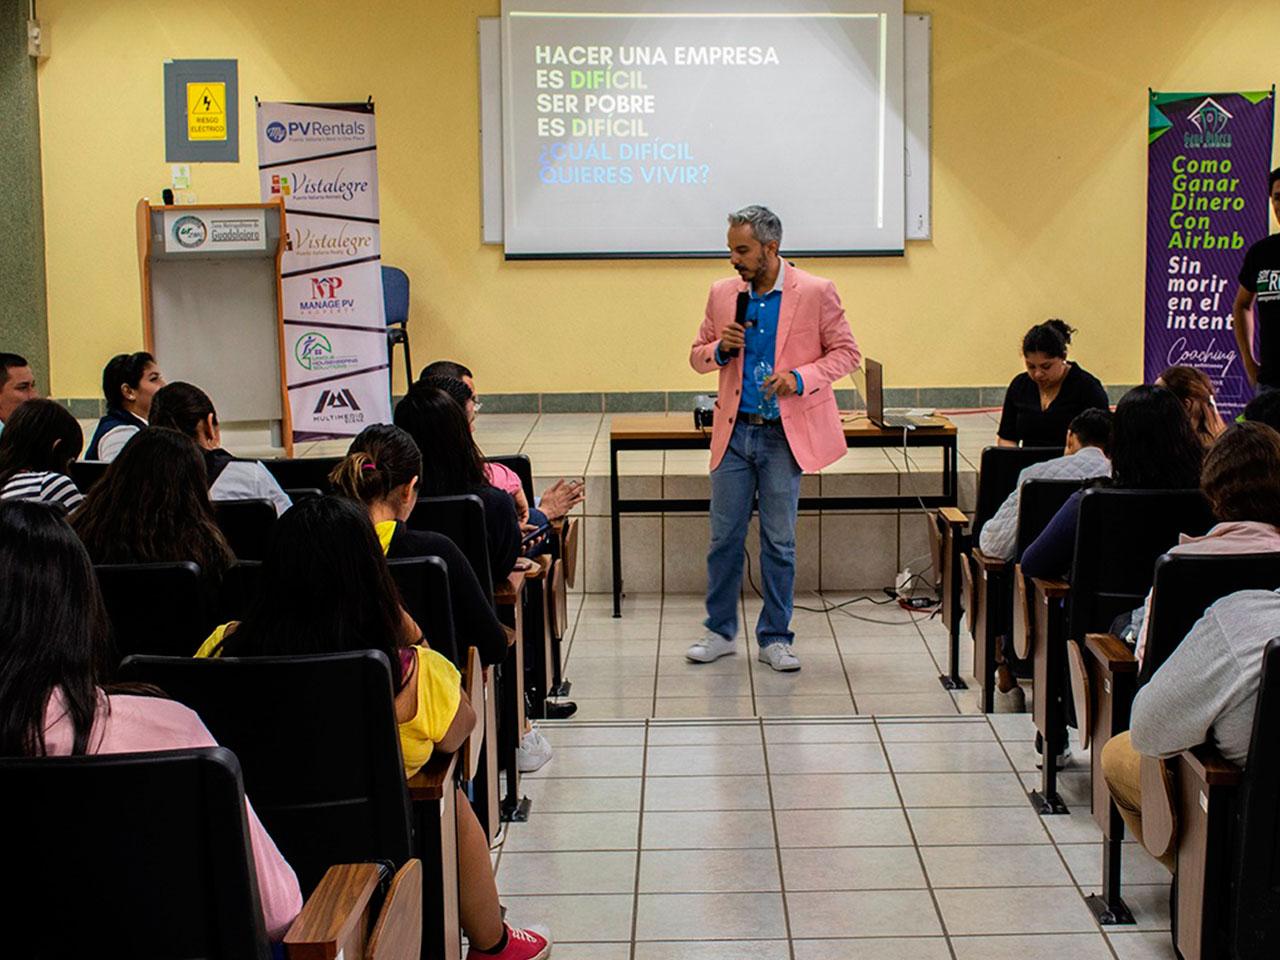 Alex Díaz dando ponencia sobre como ganar dinero con Airbnb a la nueva generación de estudiantes en la universidad metropolitana de la zona de guadalajara